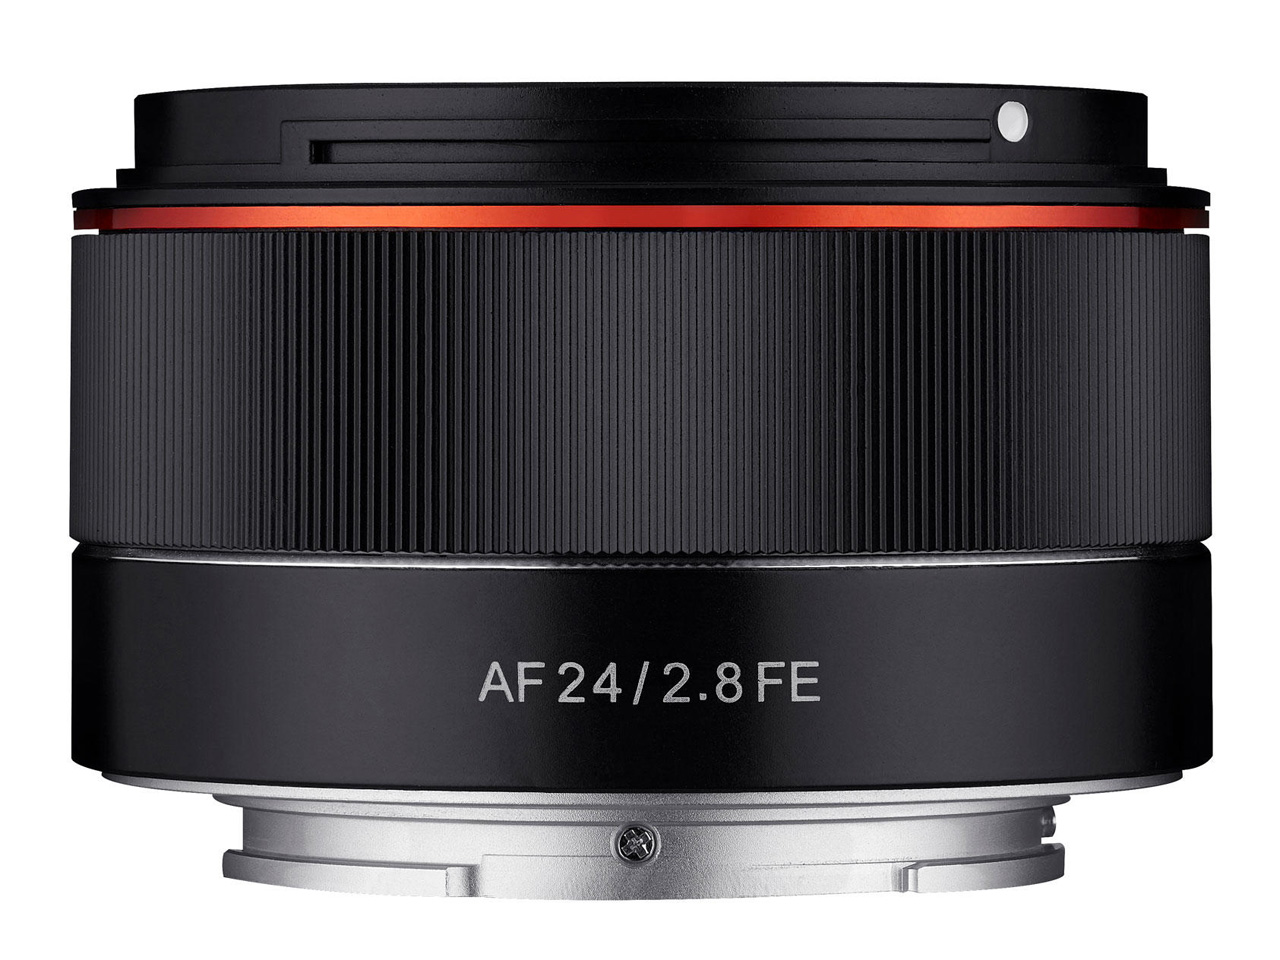 AF24mm F2.8 FE の製品画像